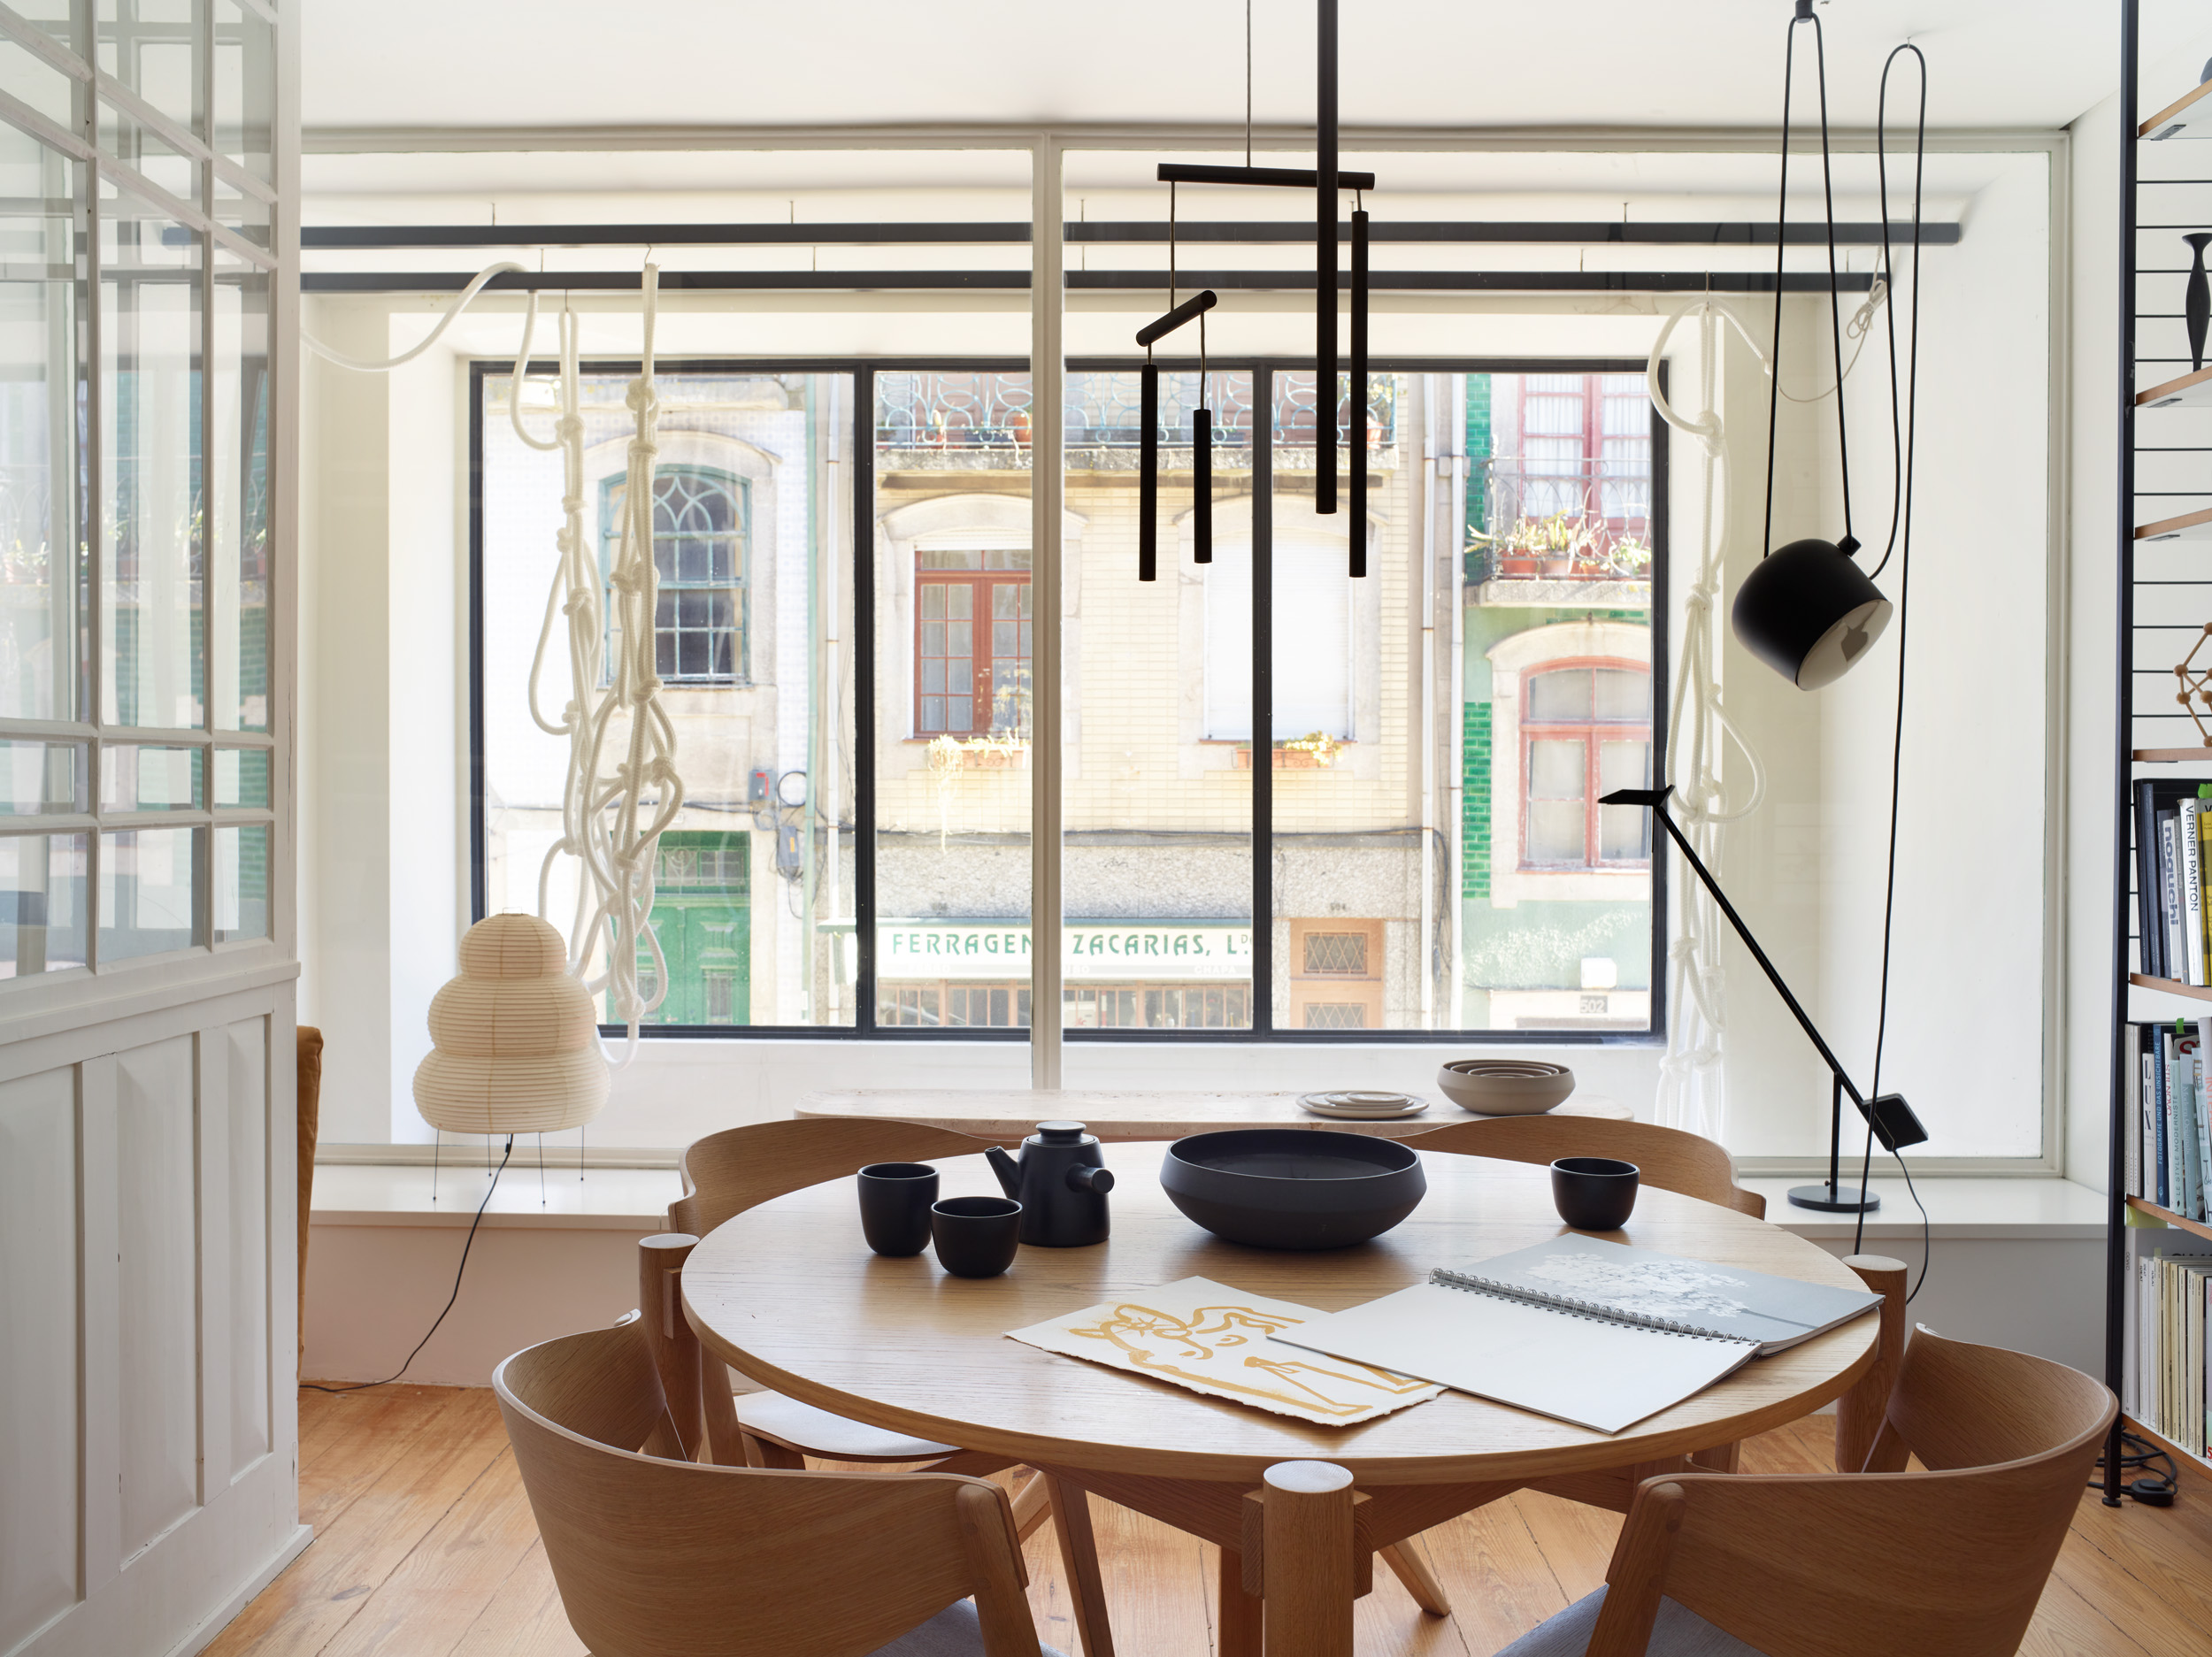 rachael-smith-interiors-14122019-027